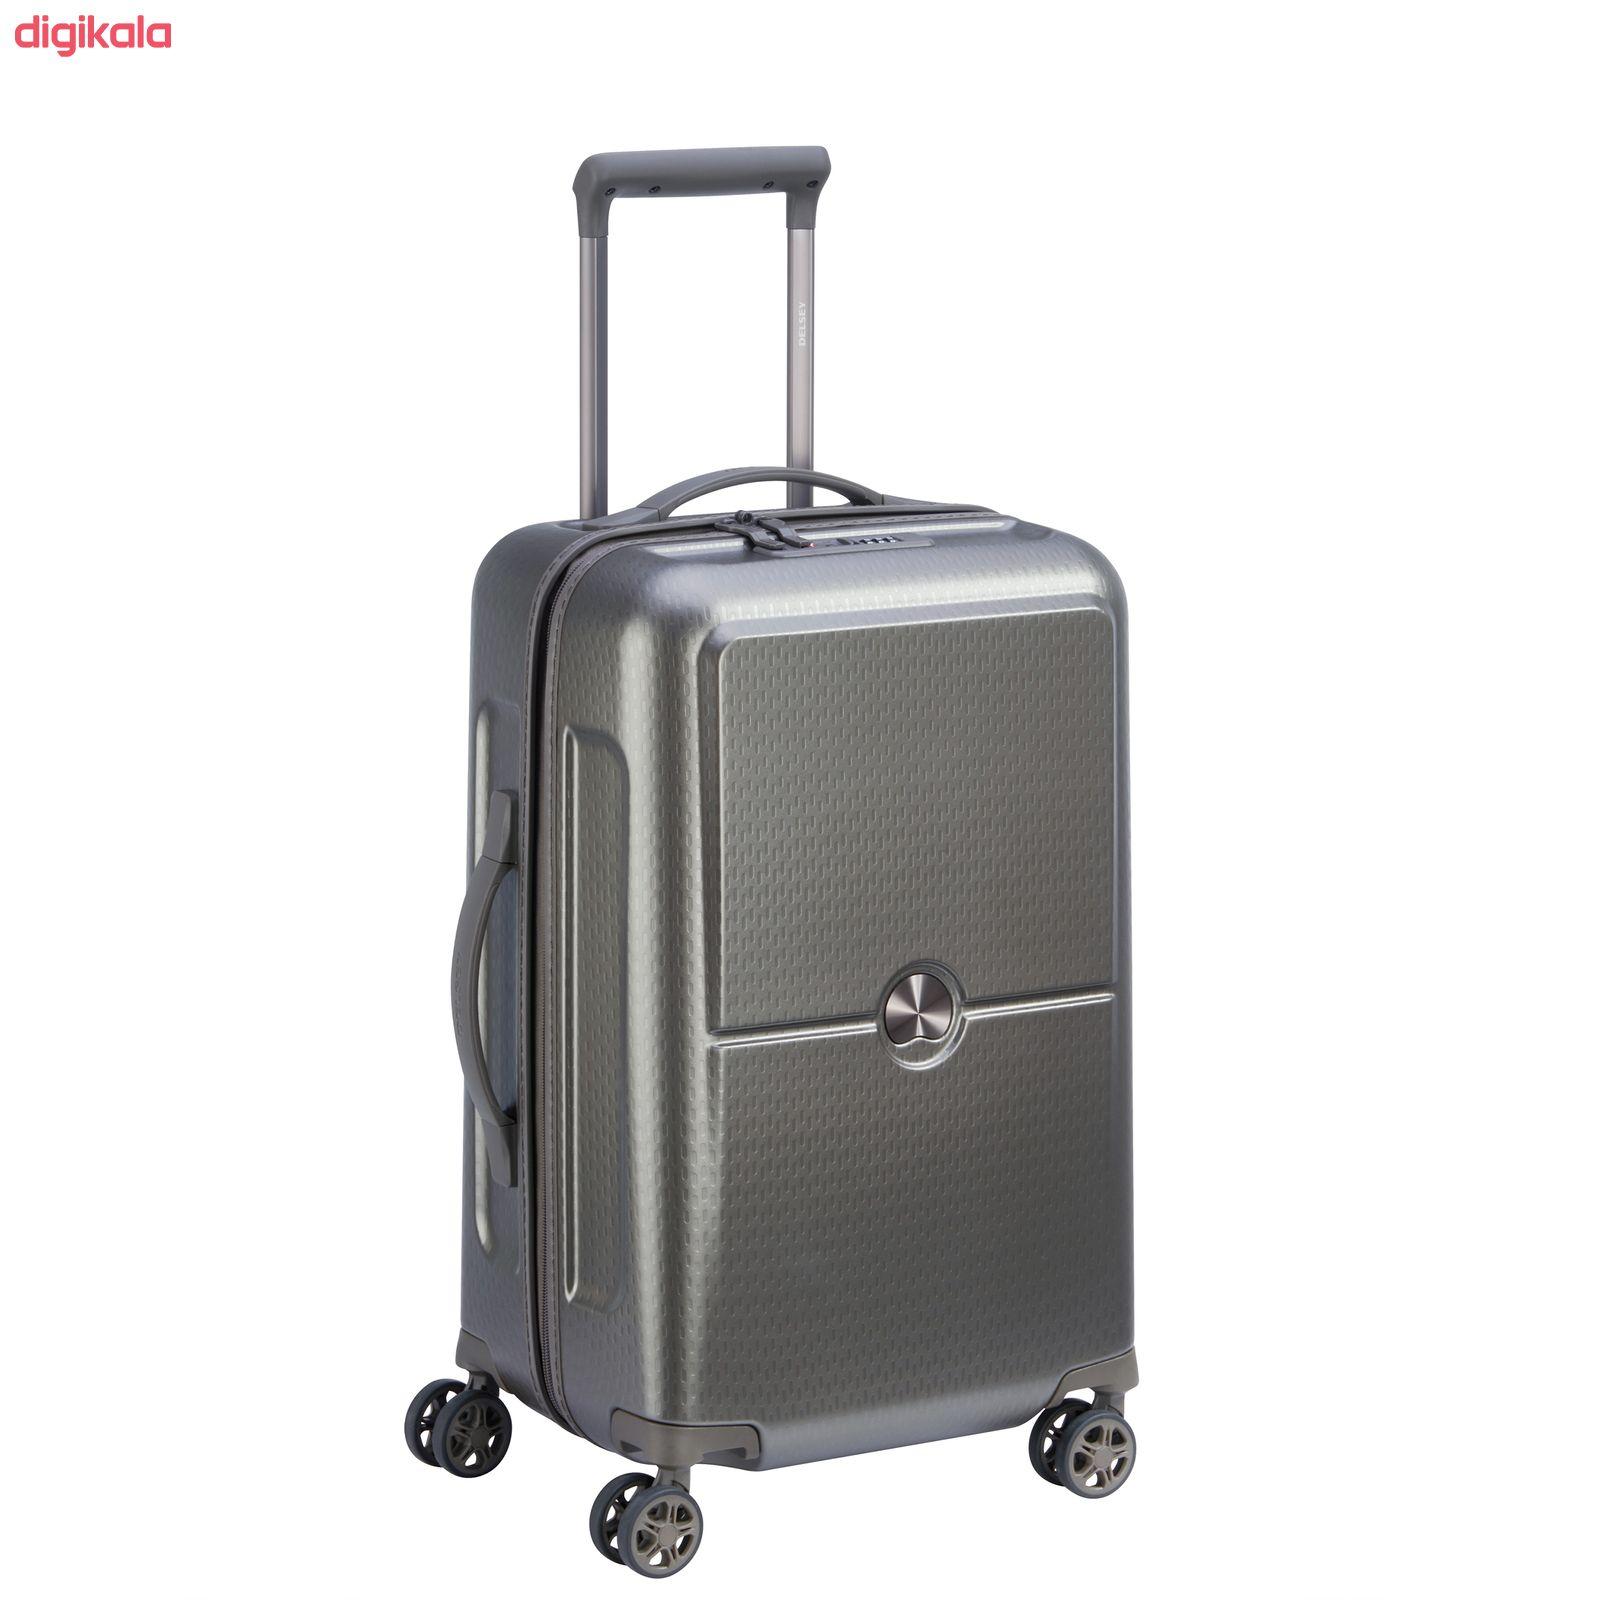 چمدان دلسی مدل TURENNE کد 1621801 سایز کوچک main 1 5